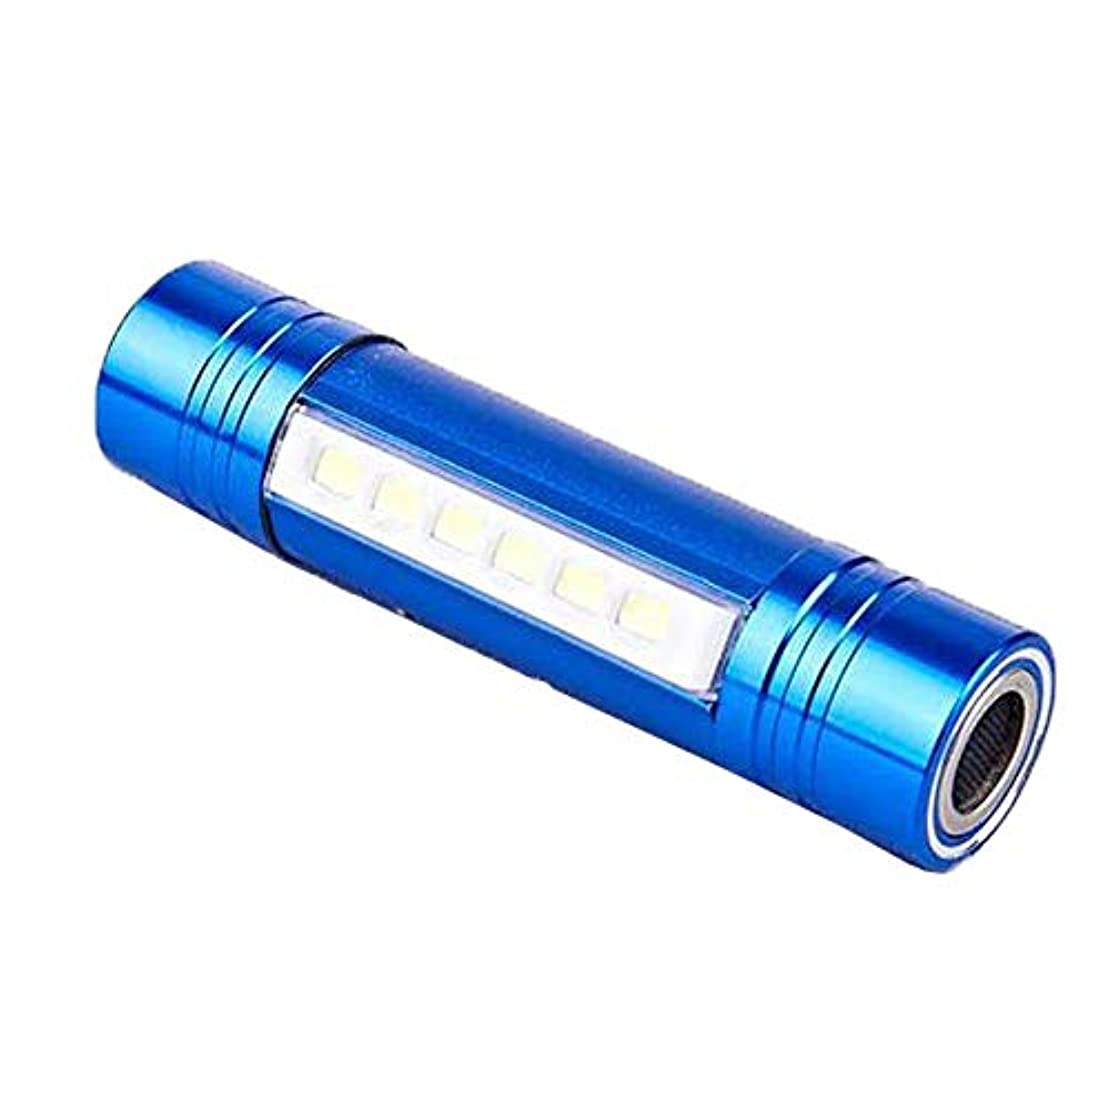 シビックなので予言するMUYOO LEDヘッドライト 3点灯モード 登山 夜釣り アウトドア作業 SOSフラッシュ機能 単4/18650電池対応(バッテリーなし) Y-03